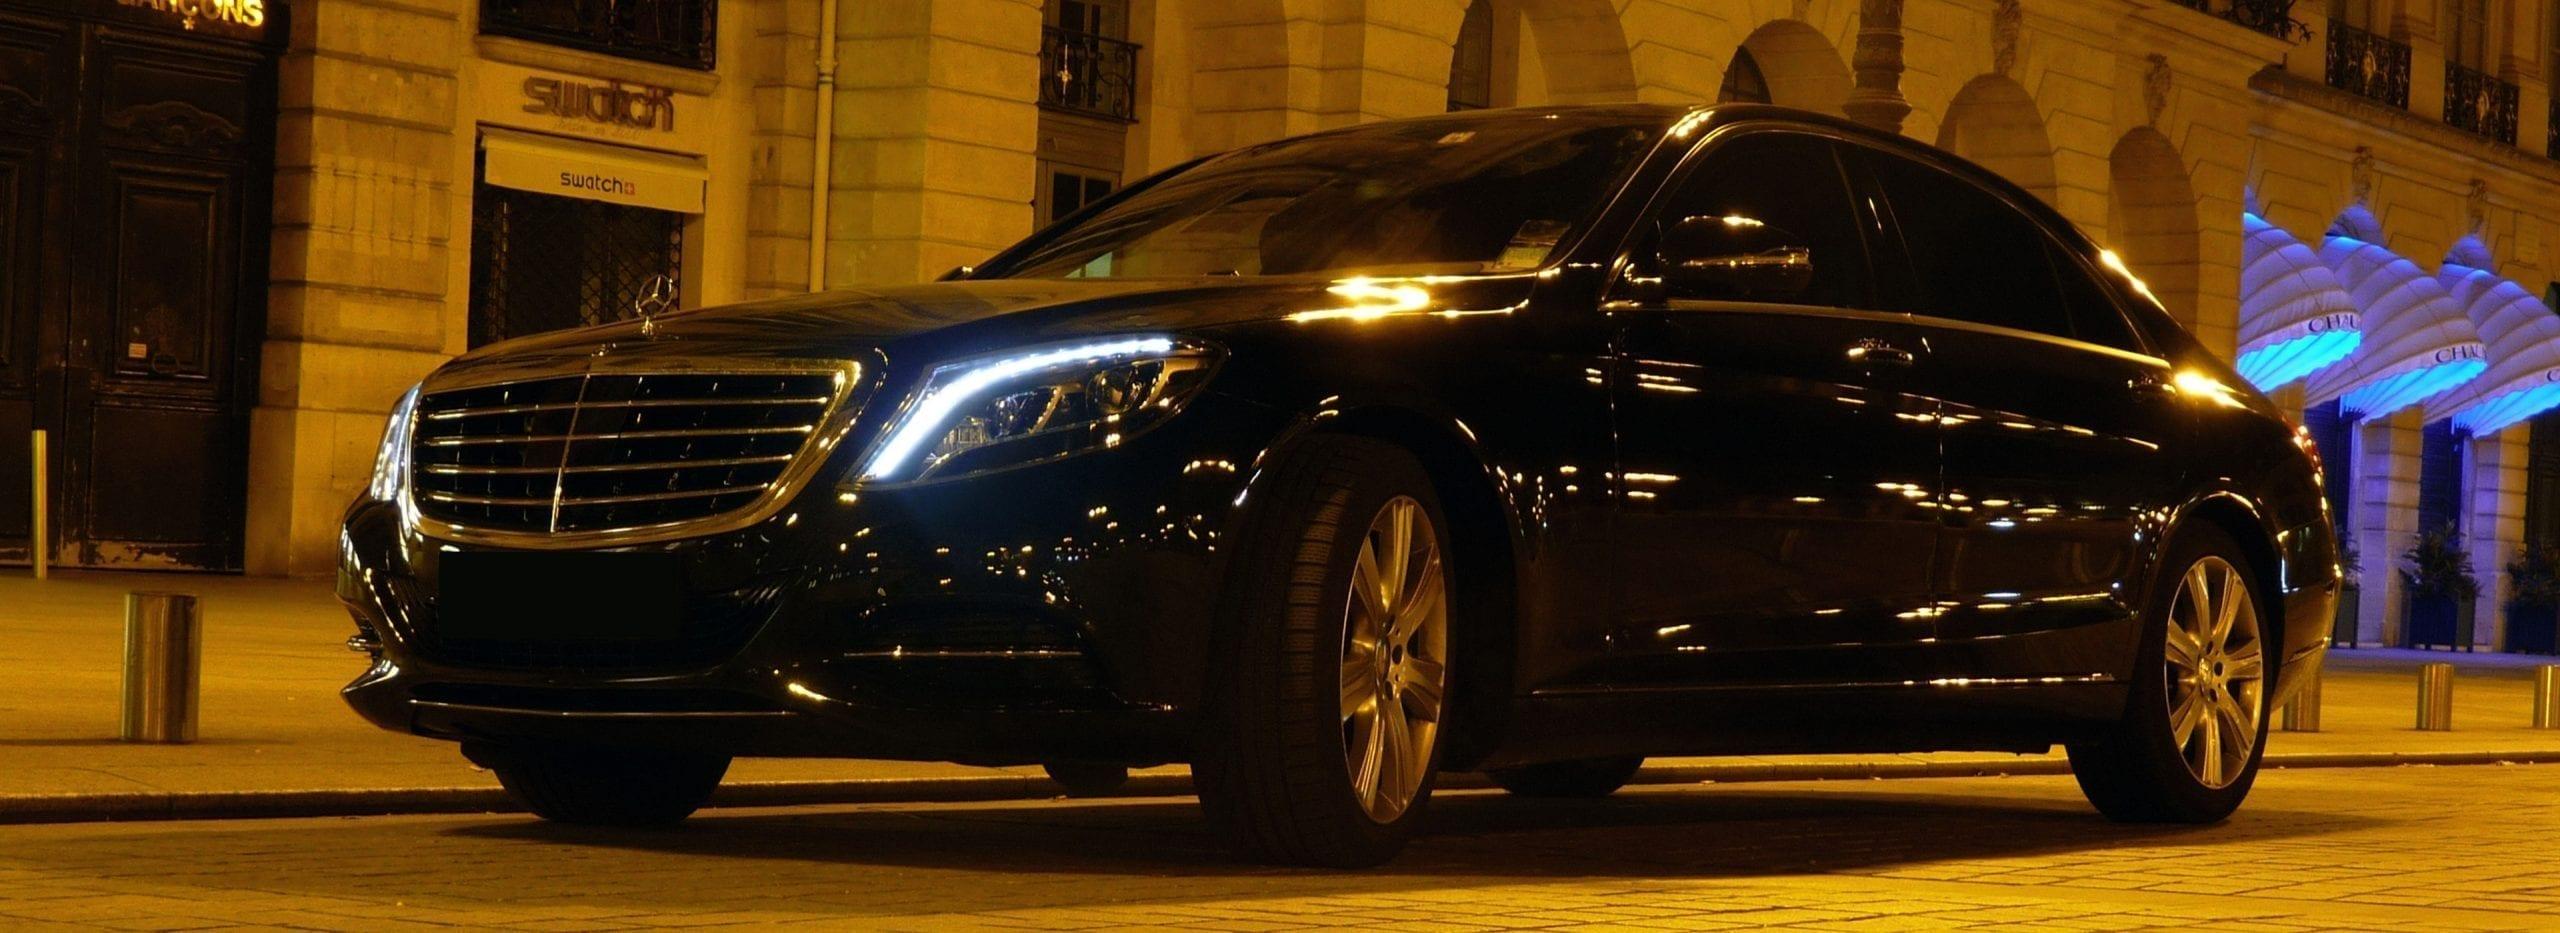 La limusina Mercedes-Benz Clase S es el punto de referencia para los viajeros de negocios que desean beneficiarse de un servicio de automóvil con chofer.